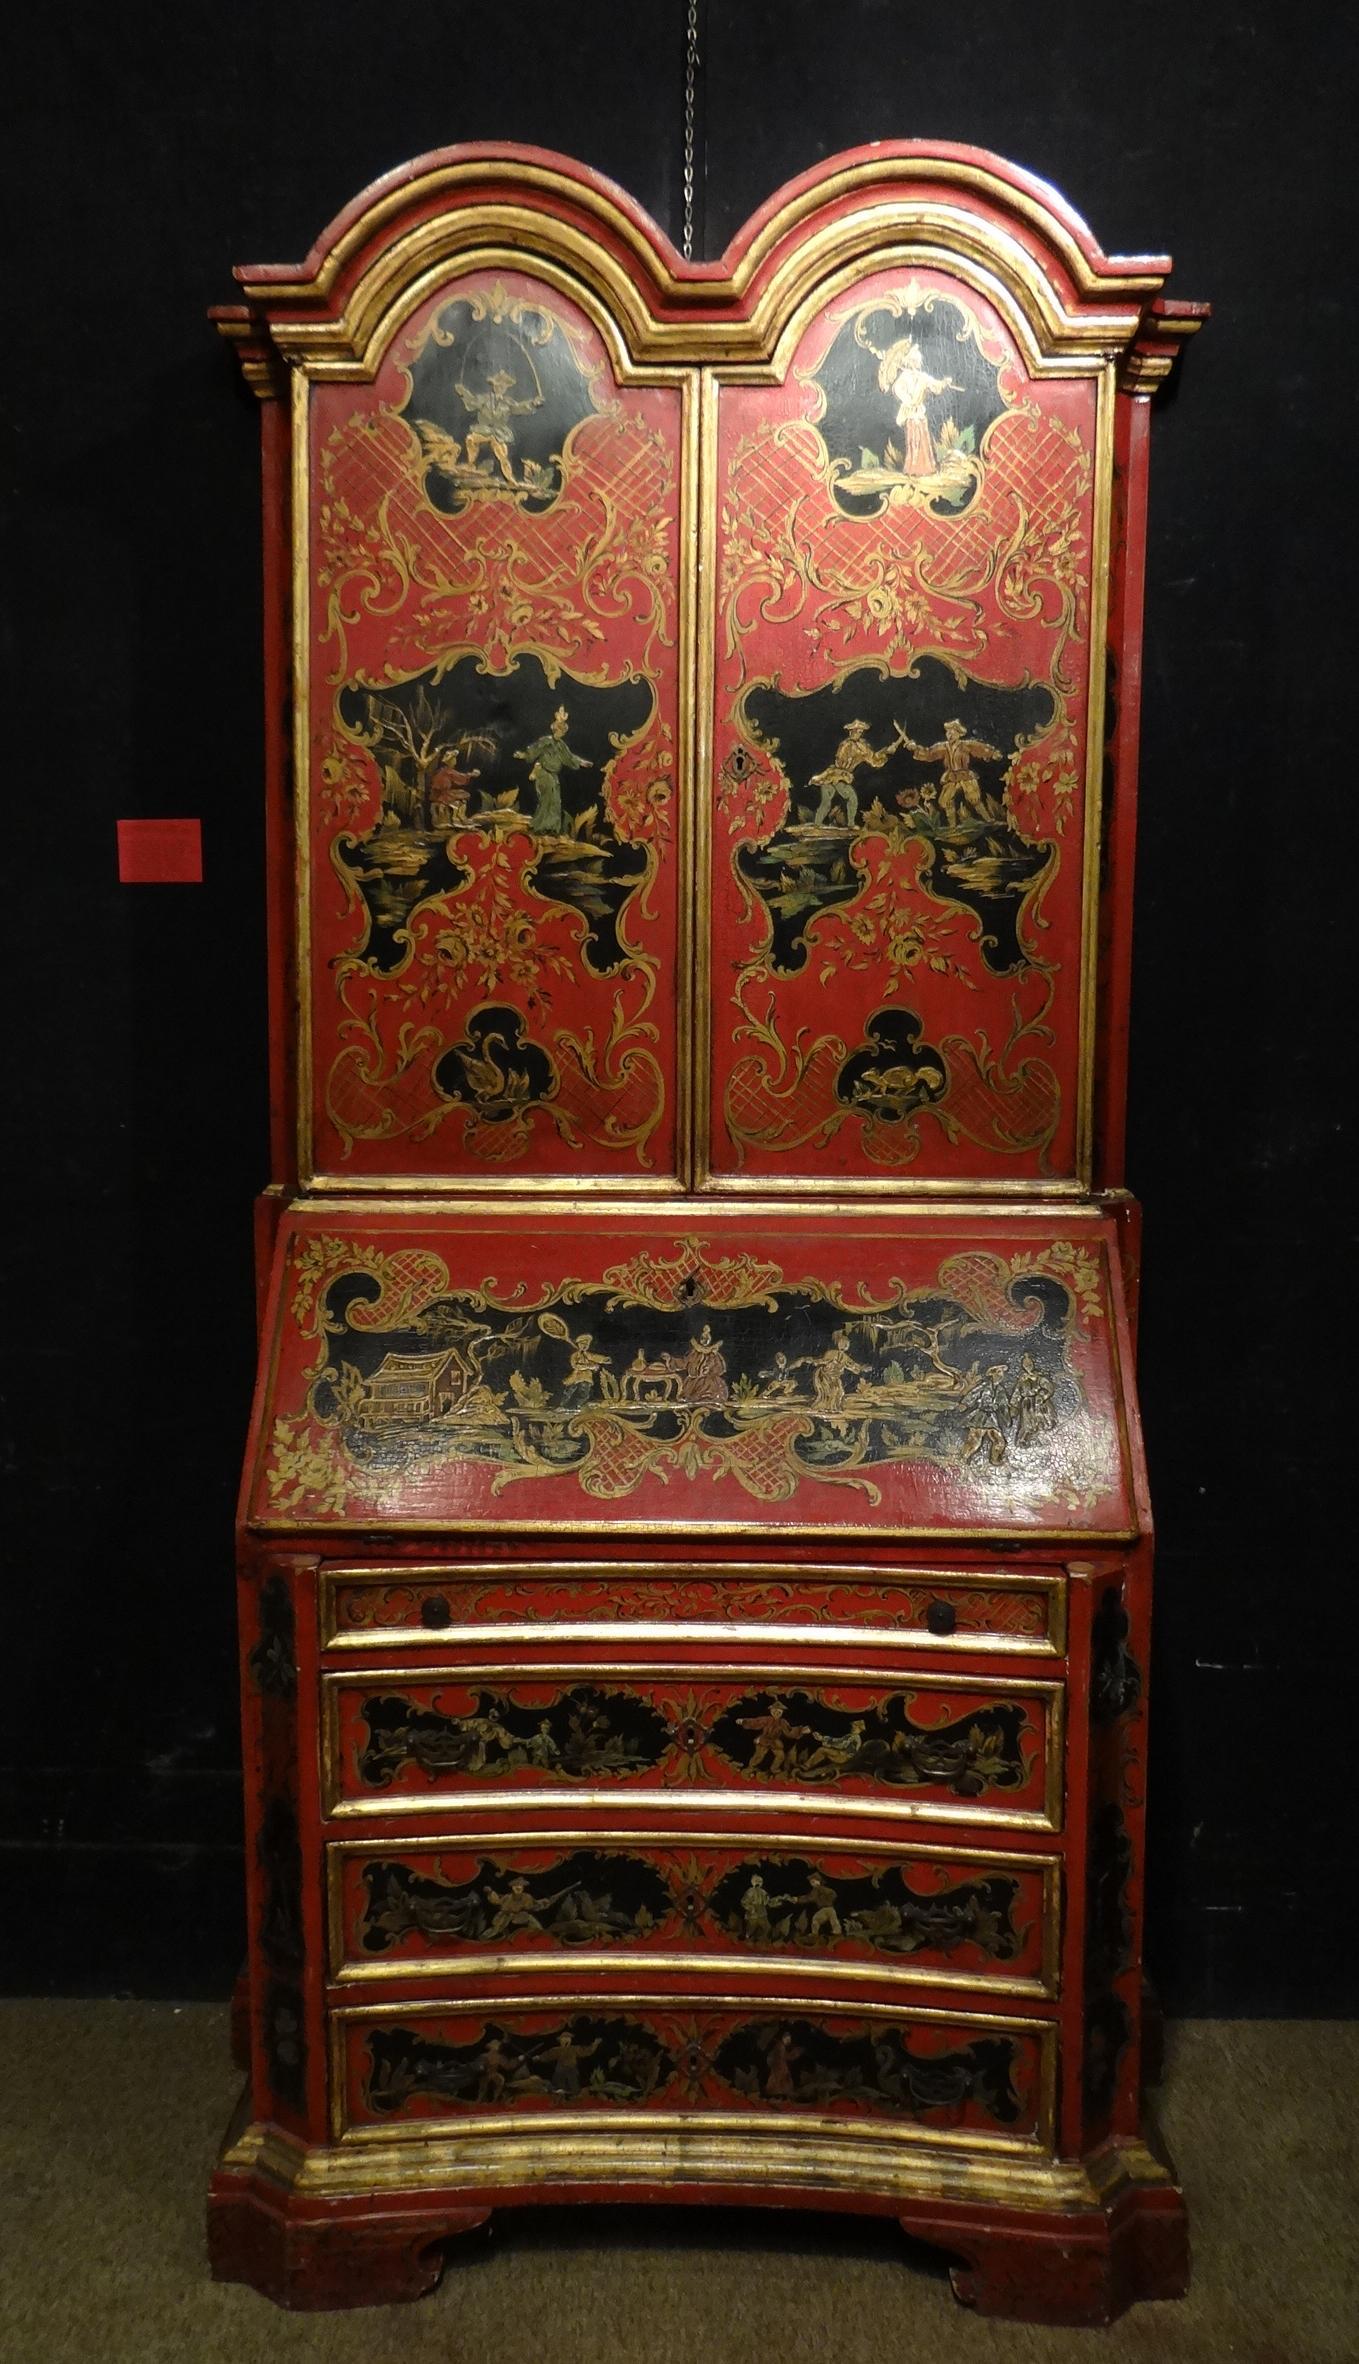 Meuble secr taire biblioth que de style laqu rouge peint de d cors chinois et rehauts d 39 or - Secretaire bibliotheque meuble ...